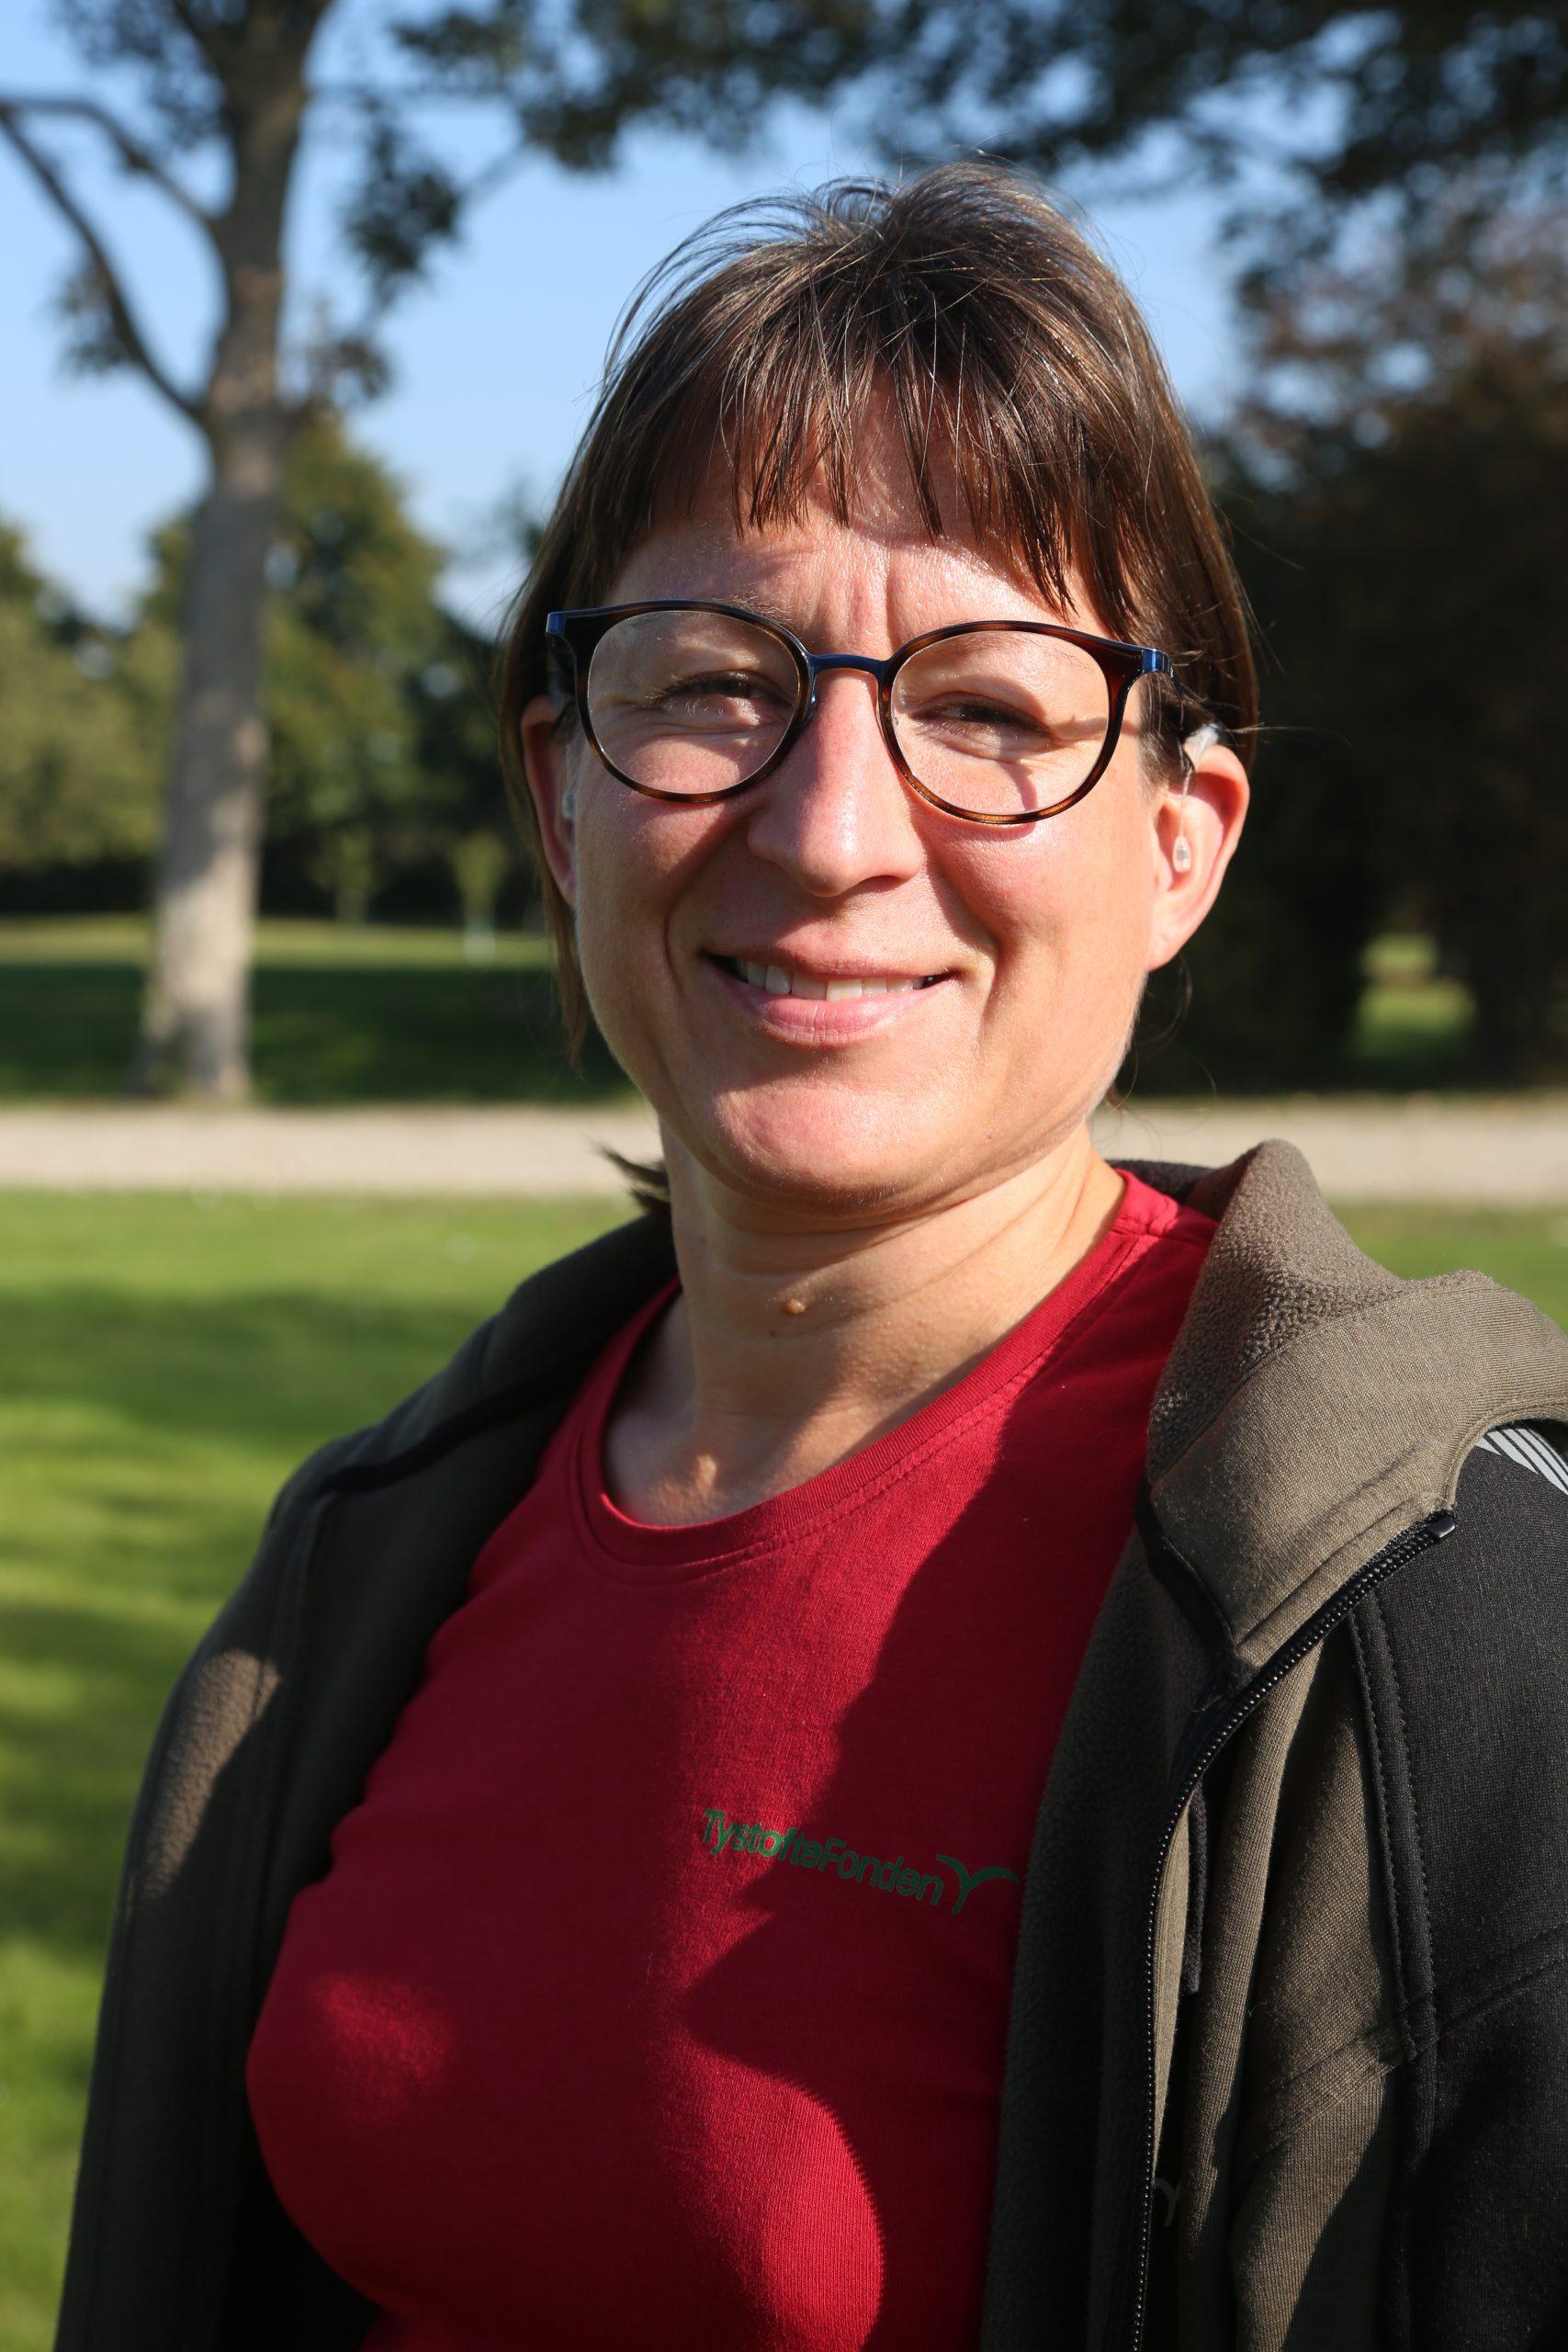 Joan Seneka